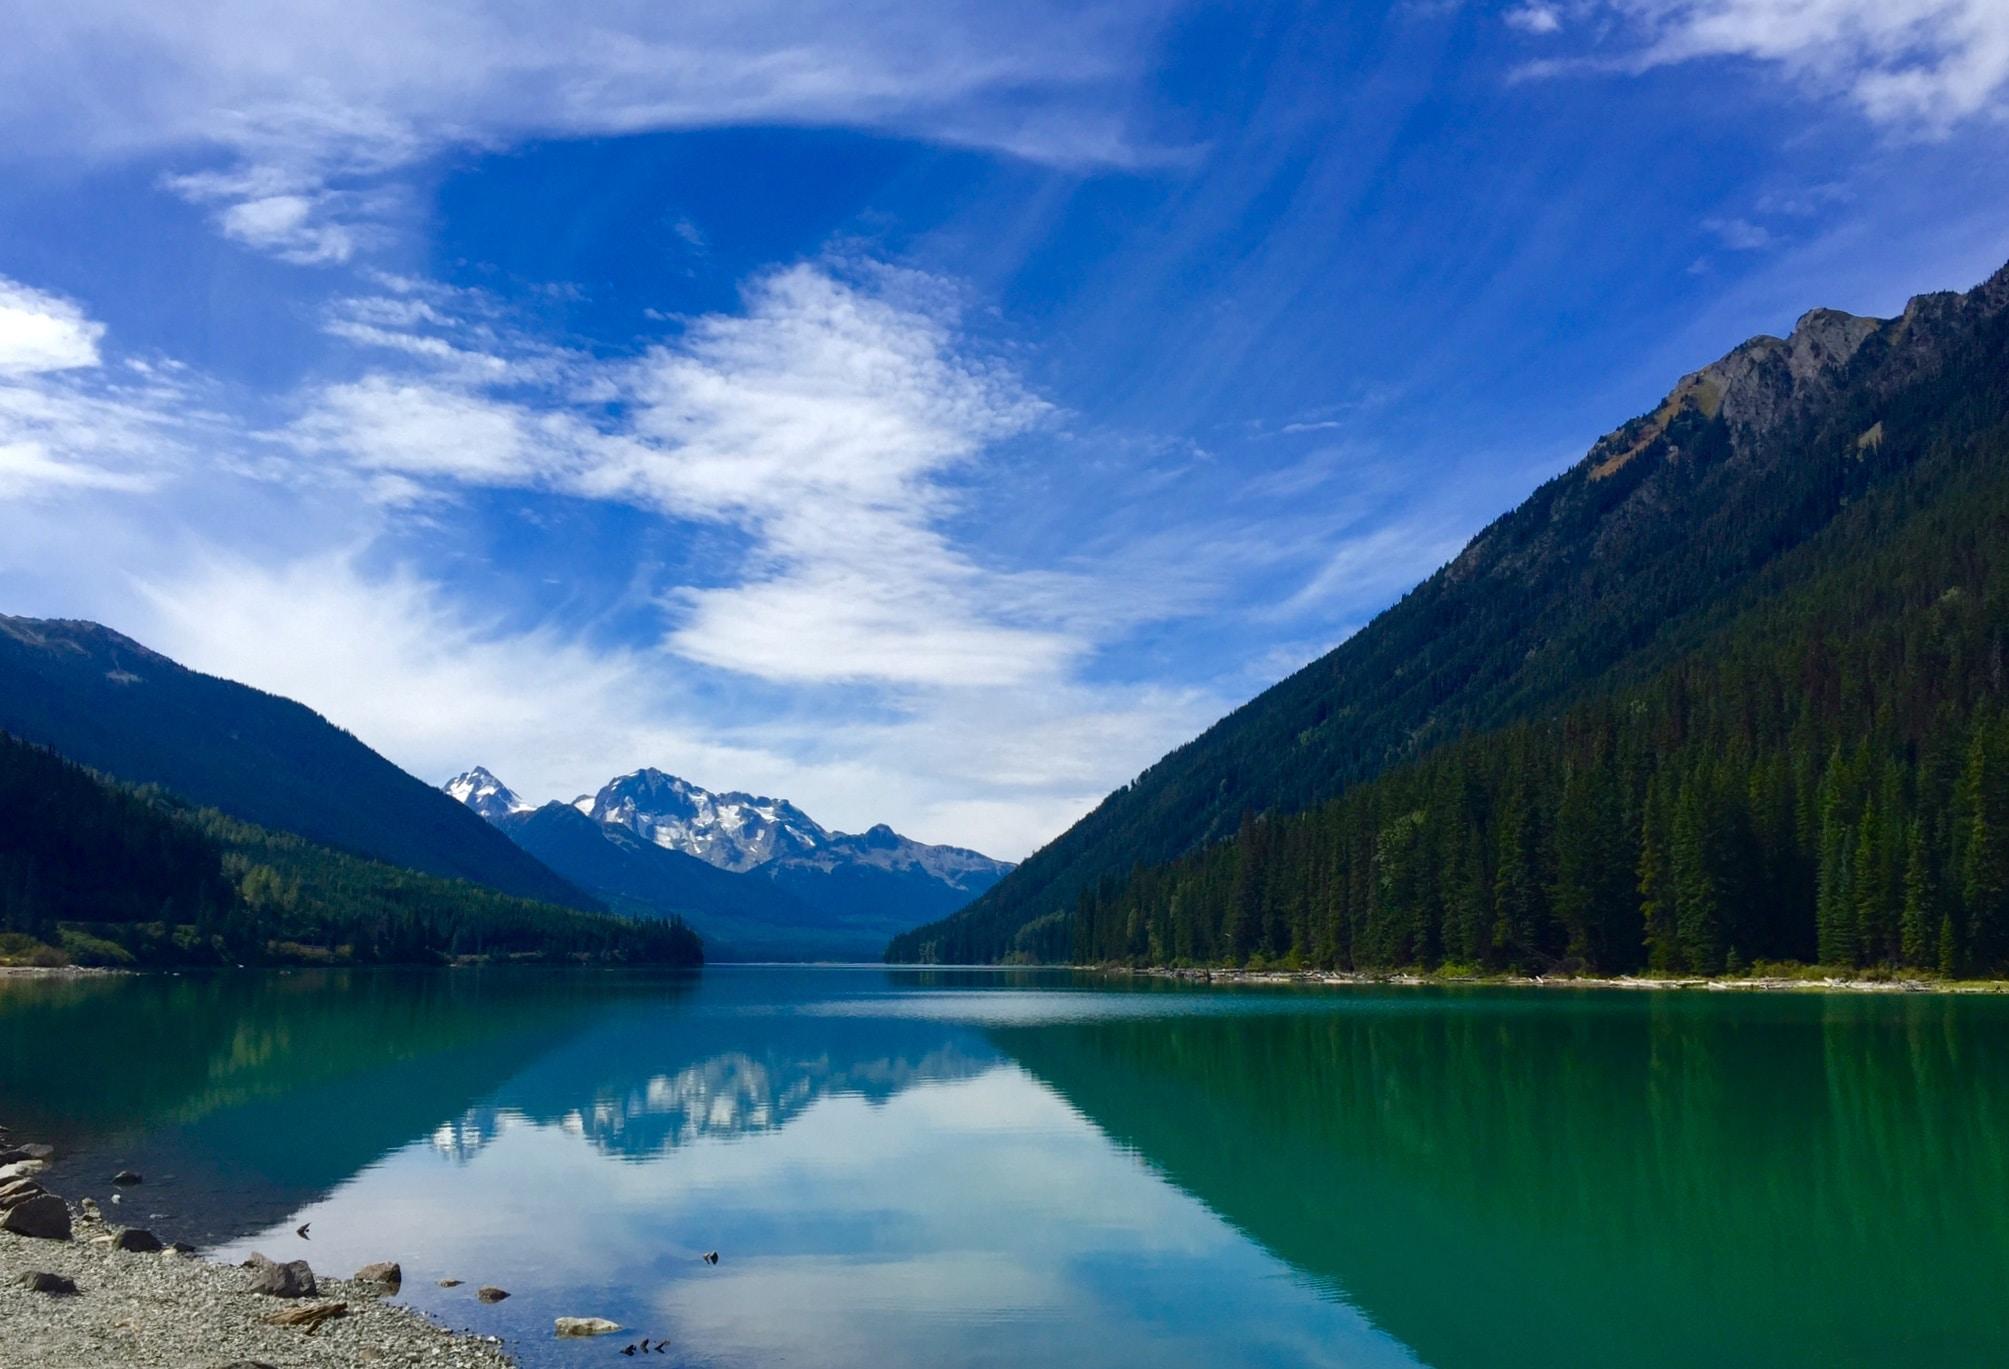 浩庵キャンプ場は本栖湖畔の人気施設!美しい景色とアウトドアを楽しもう!